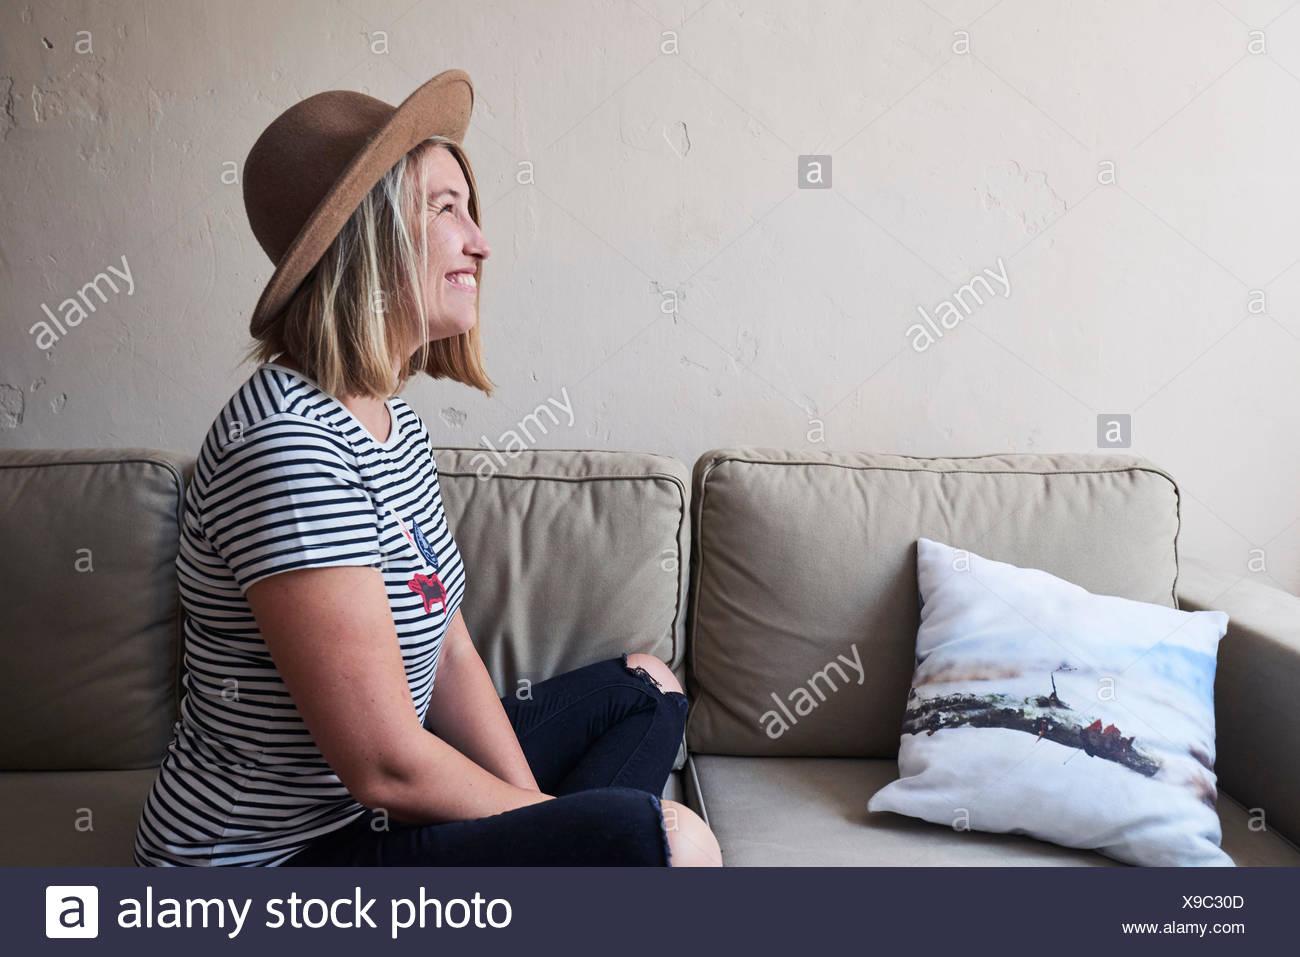 Donna seduta su un divano, sorridente, vista laterale Immagini Stock